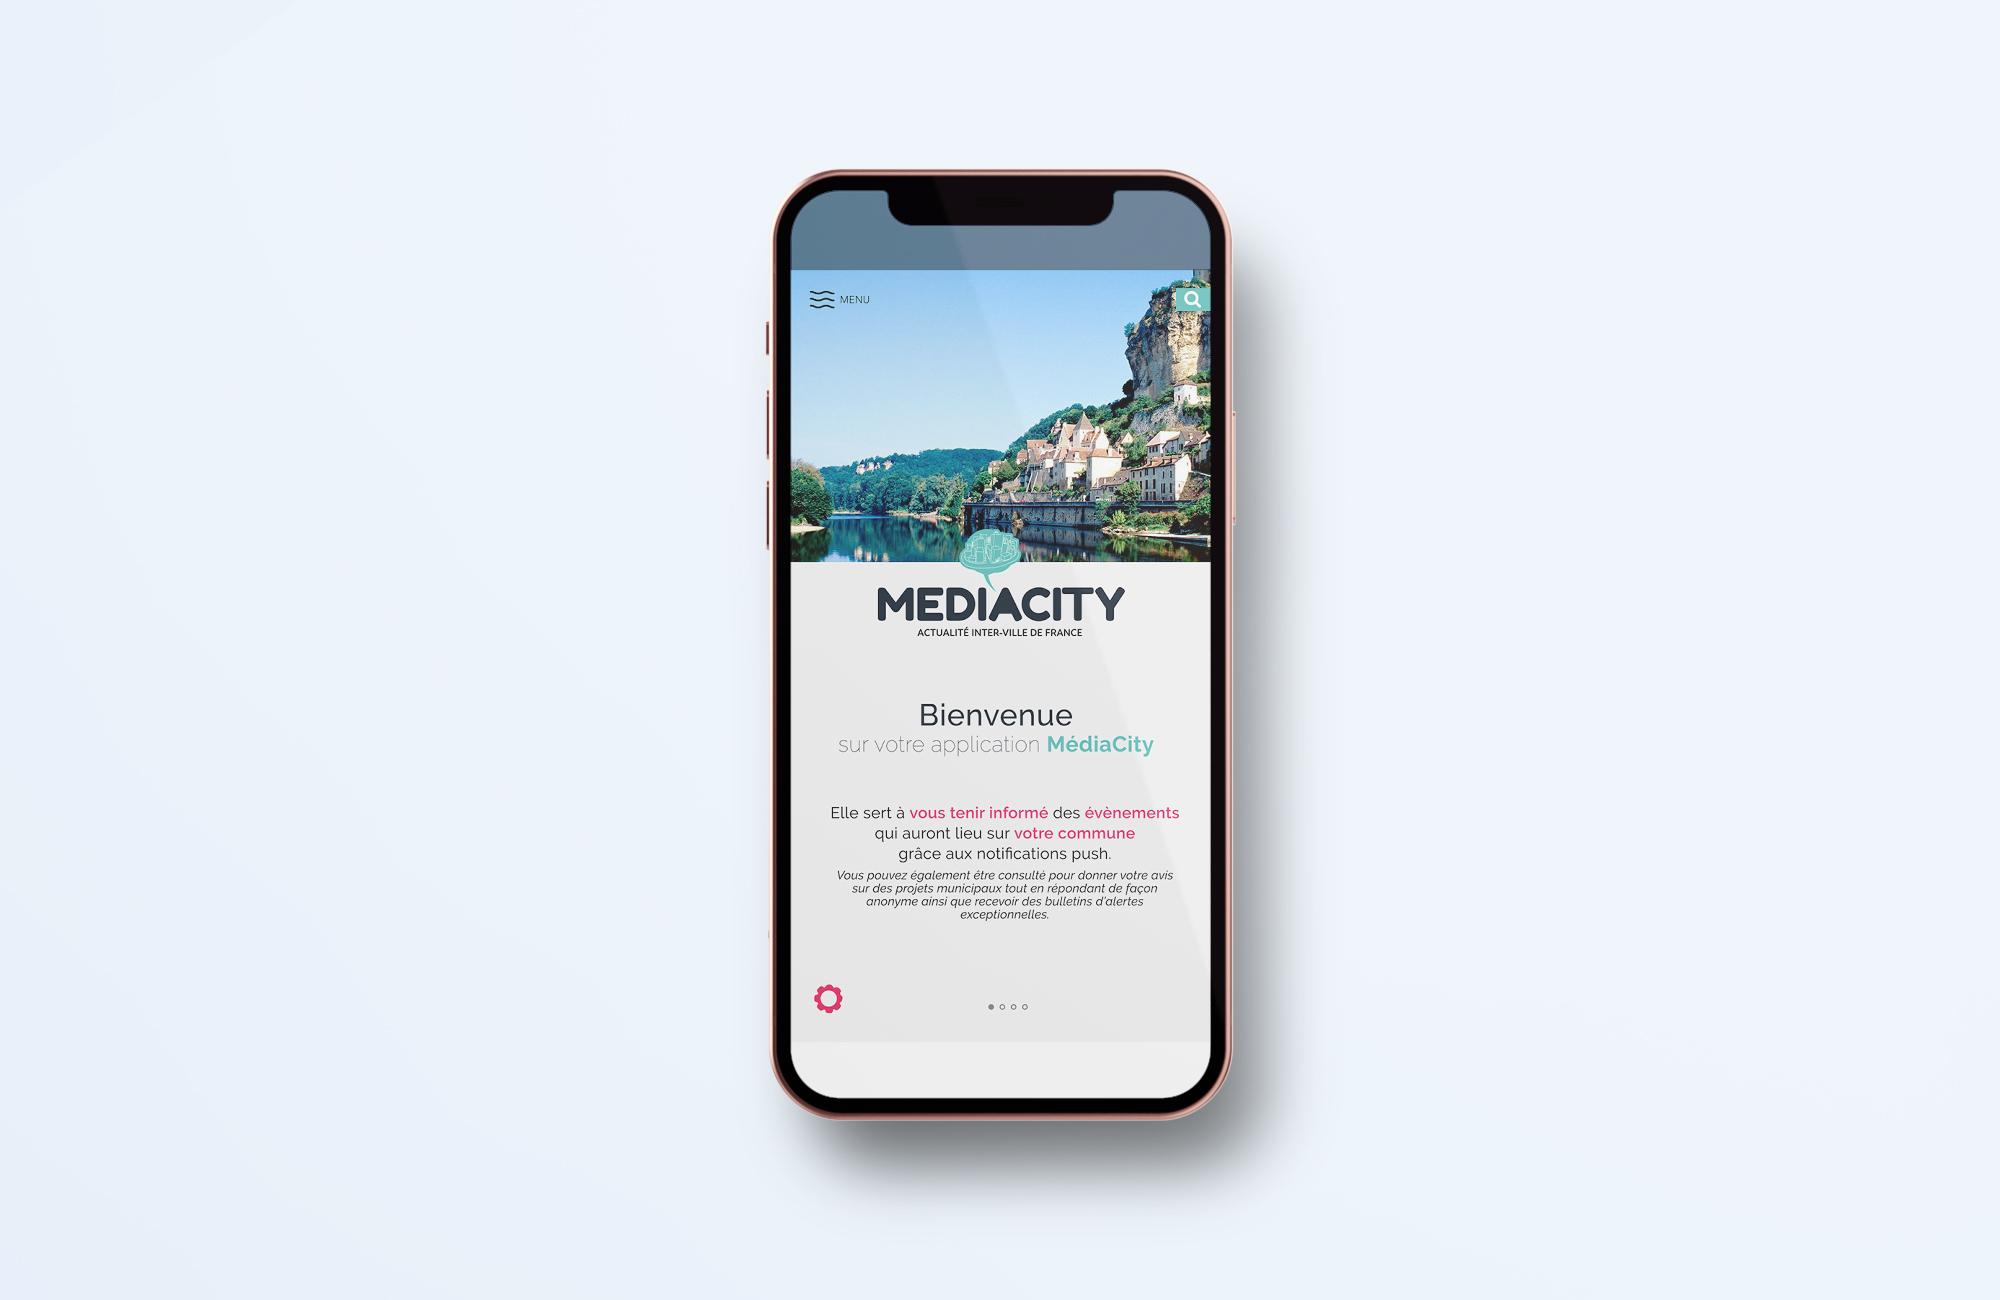 MEDIACITY-ACCUEIL-MOCKUP-IPHONE-LWAS-UX